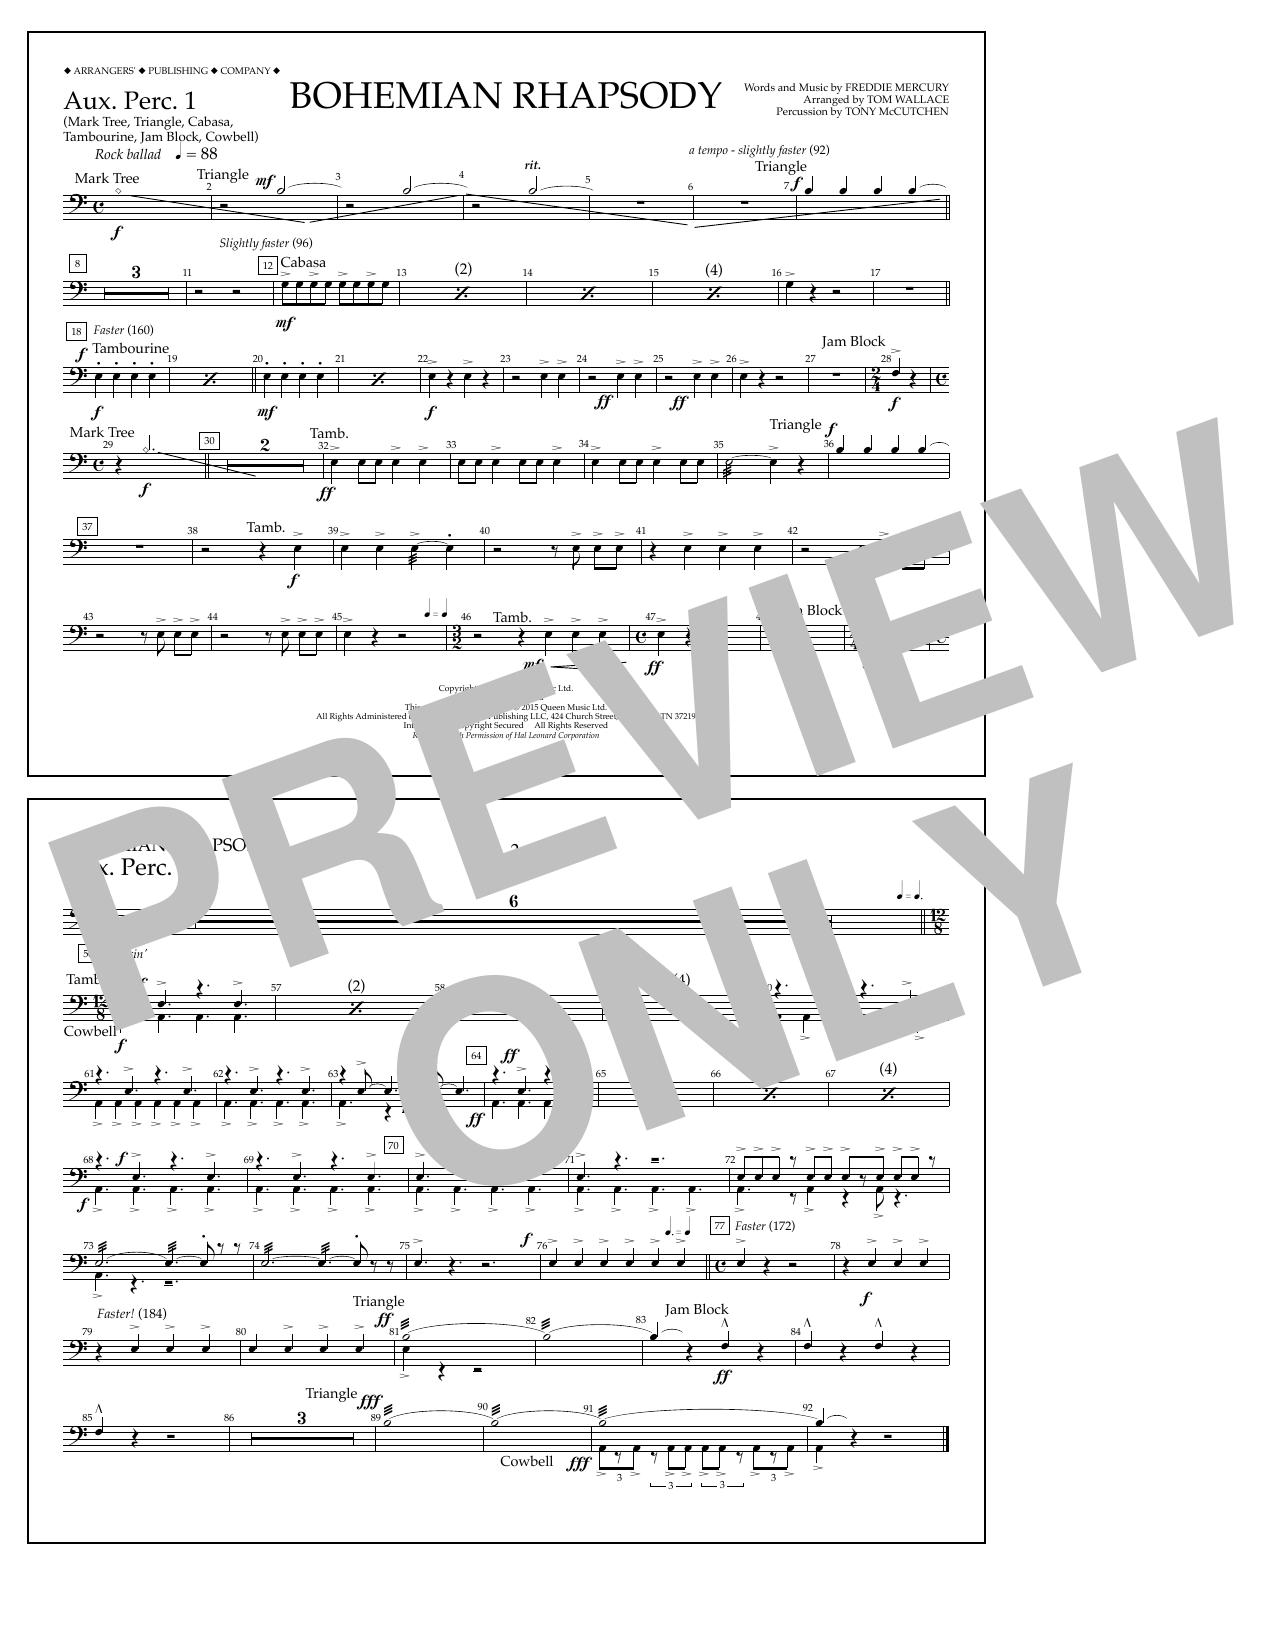 Bohemian Rhapsody - Aux. Perc. 1 Sheet Music